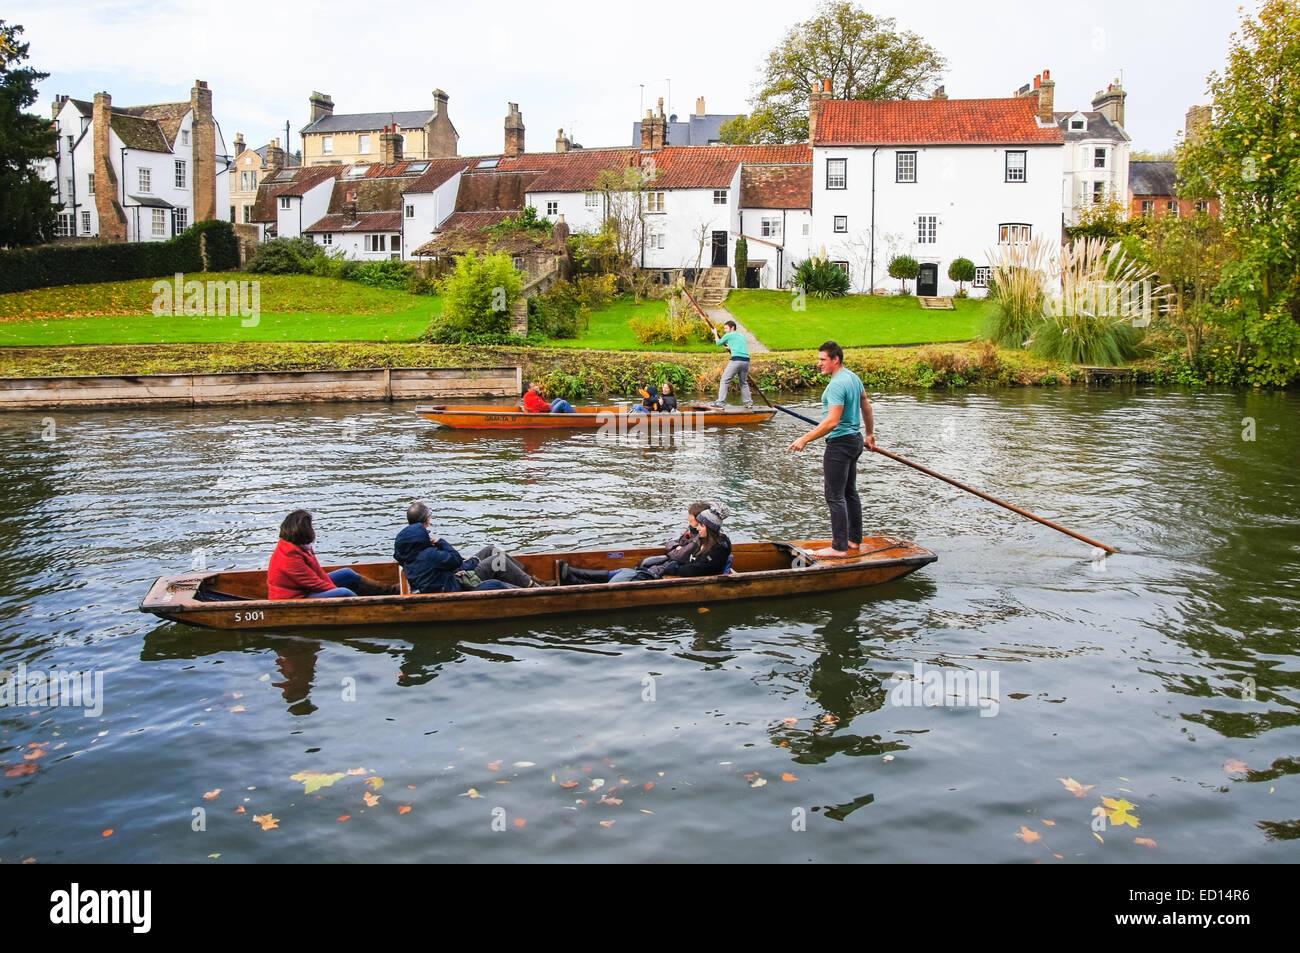 Punting on the river Cam, Cambridge Cambridgeshire England United Kingdom UK - Stock Image